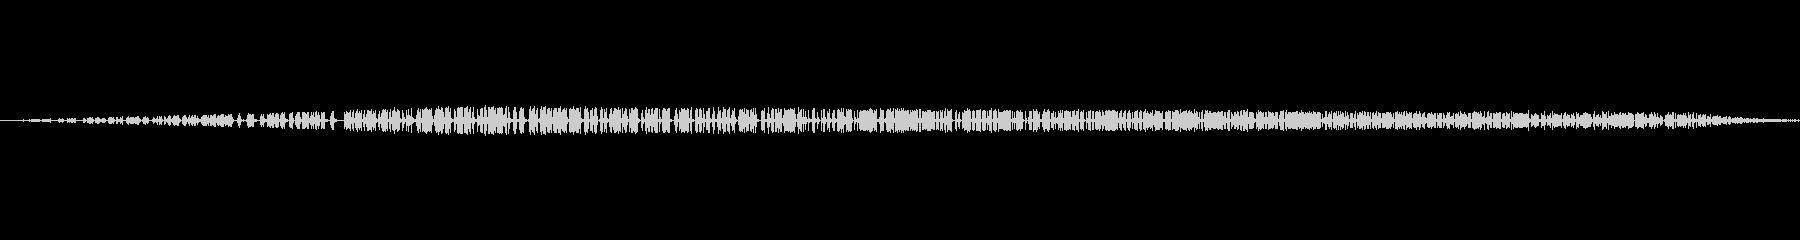 シュッ(スワイプ音です)の未再生の波形